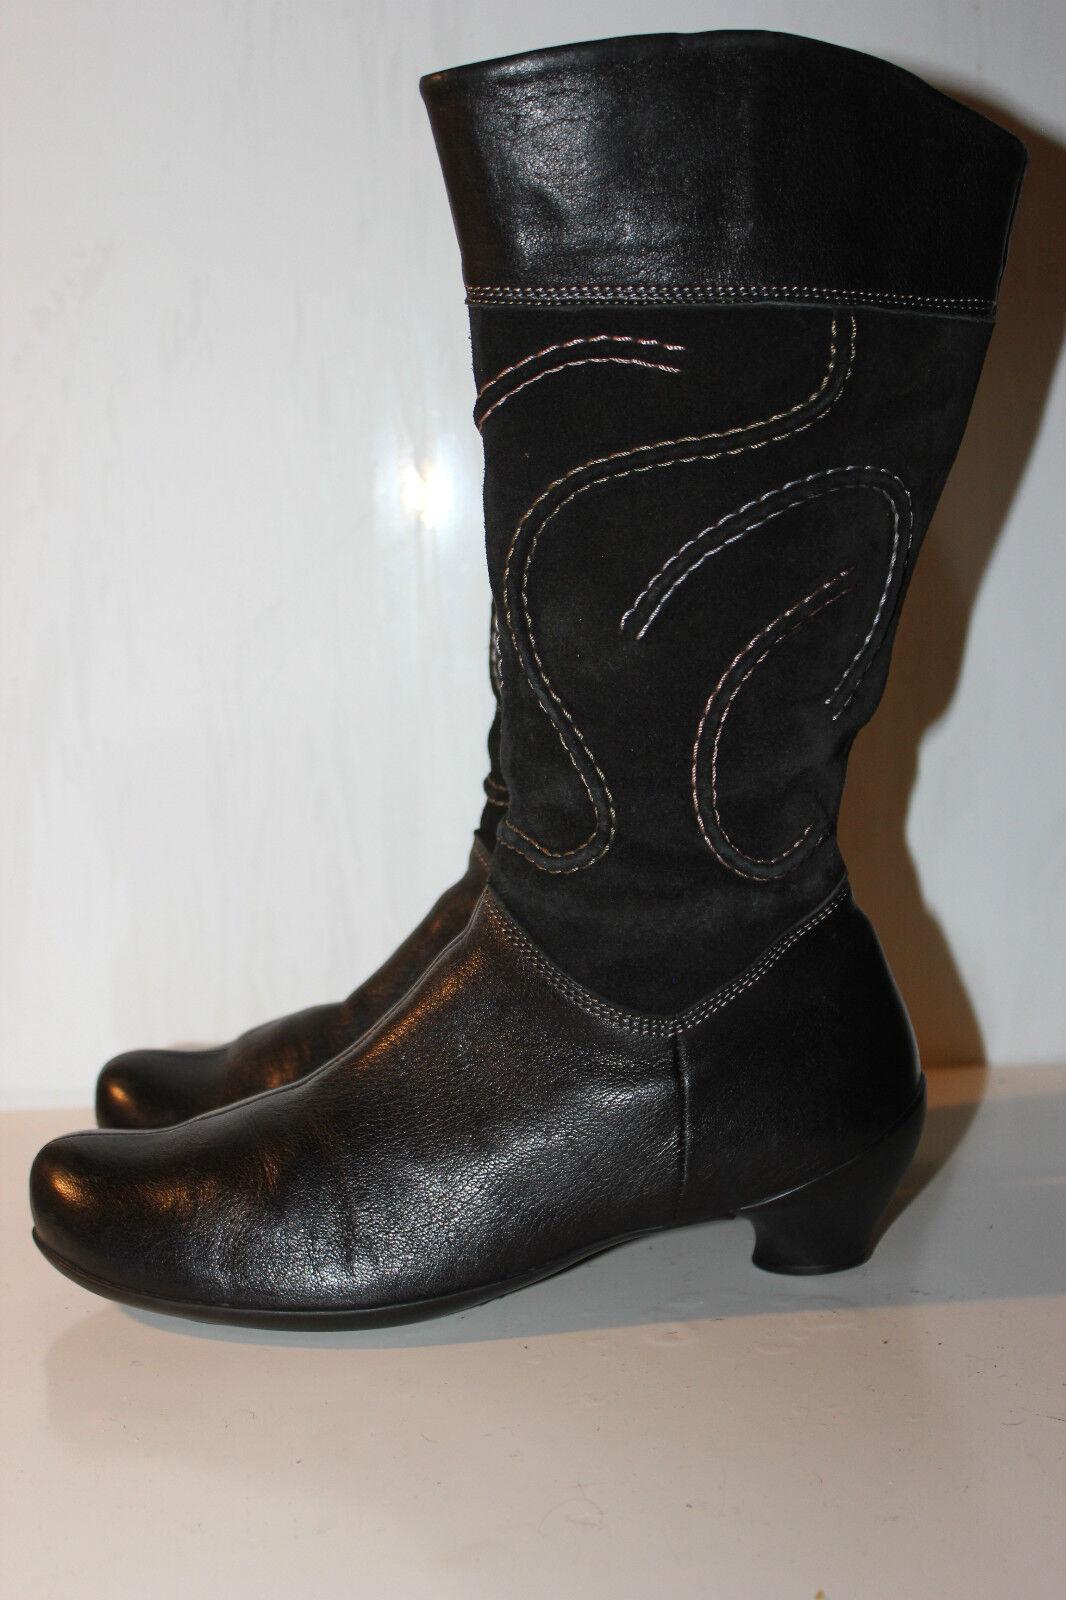 THINK Superschöner Schwarz Echtleder Stiefel, Gr. 37, Top Zustand